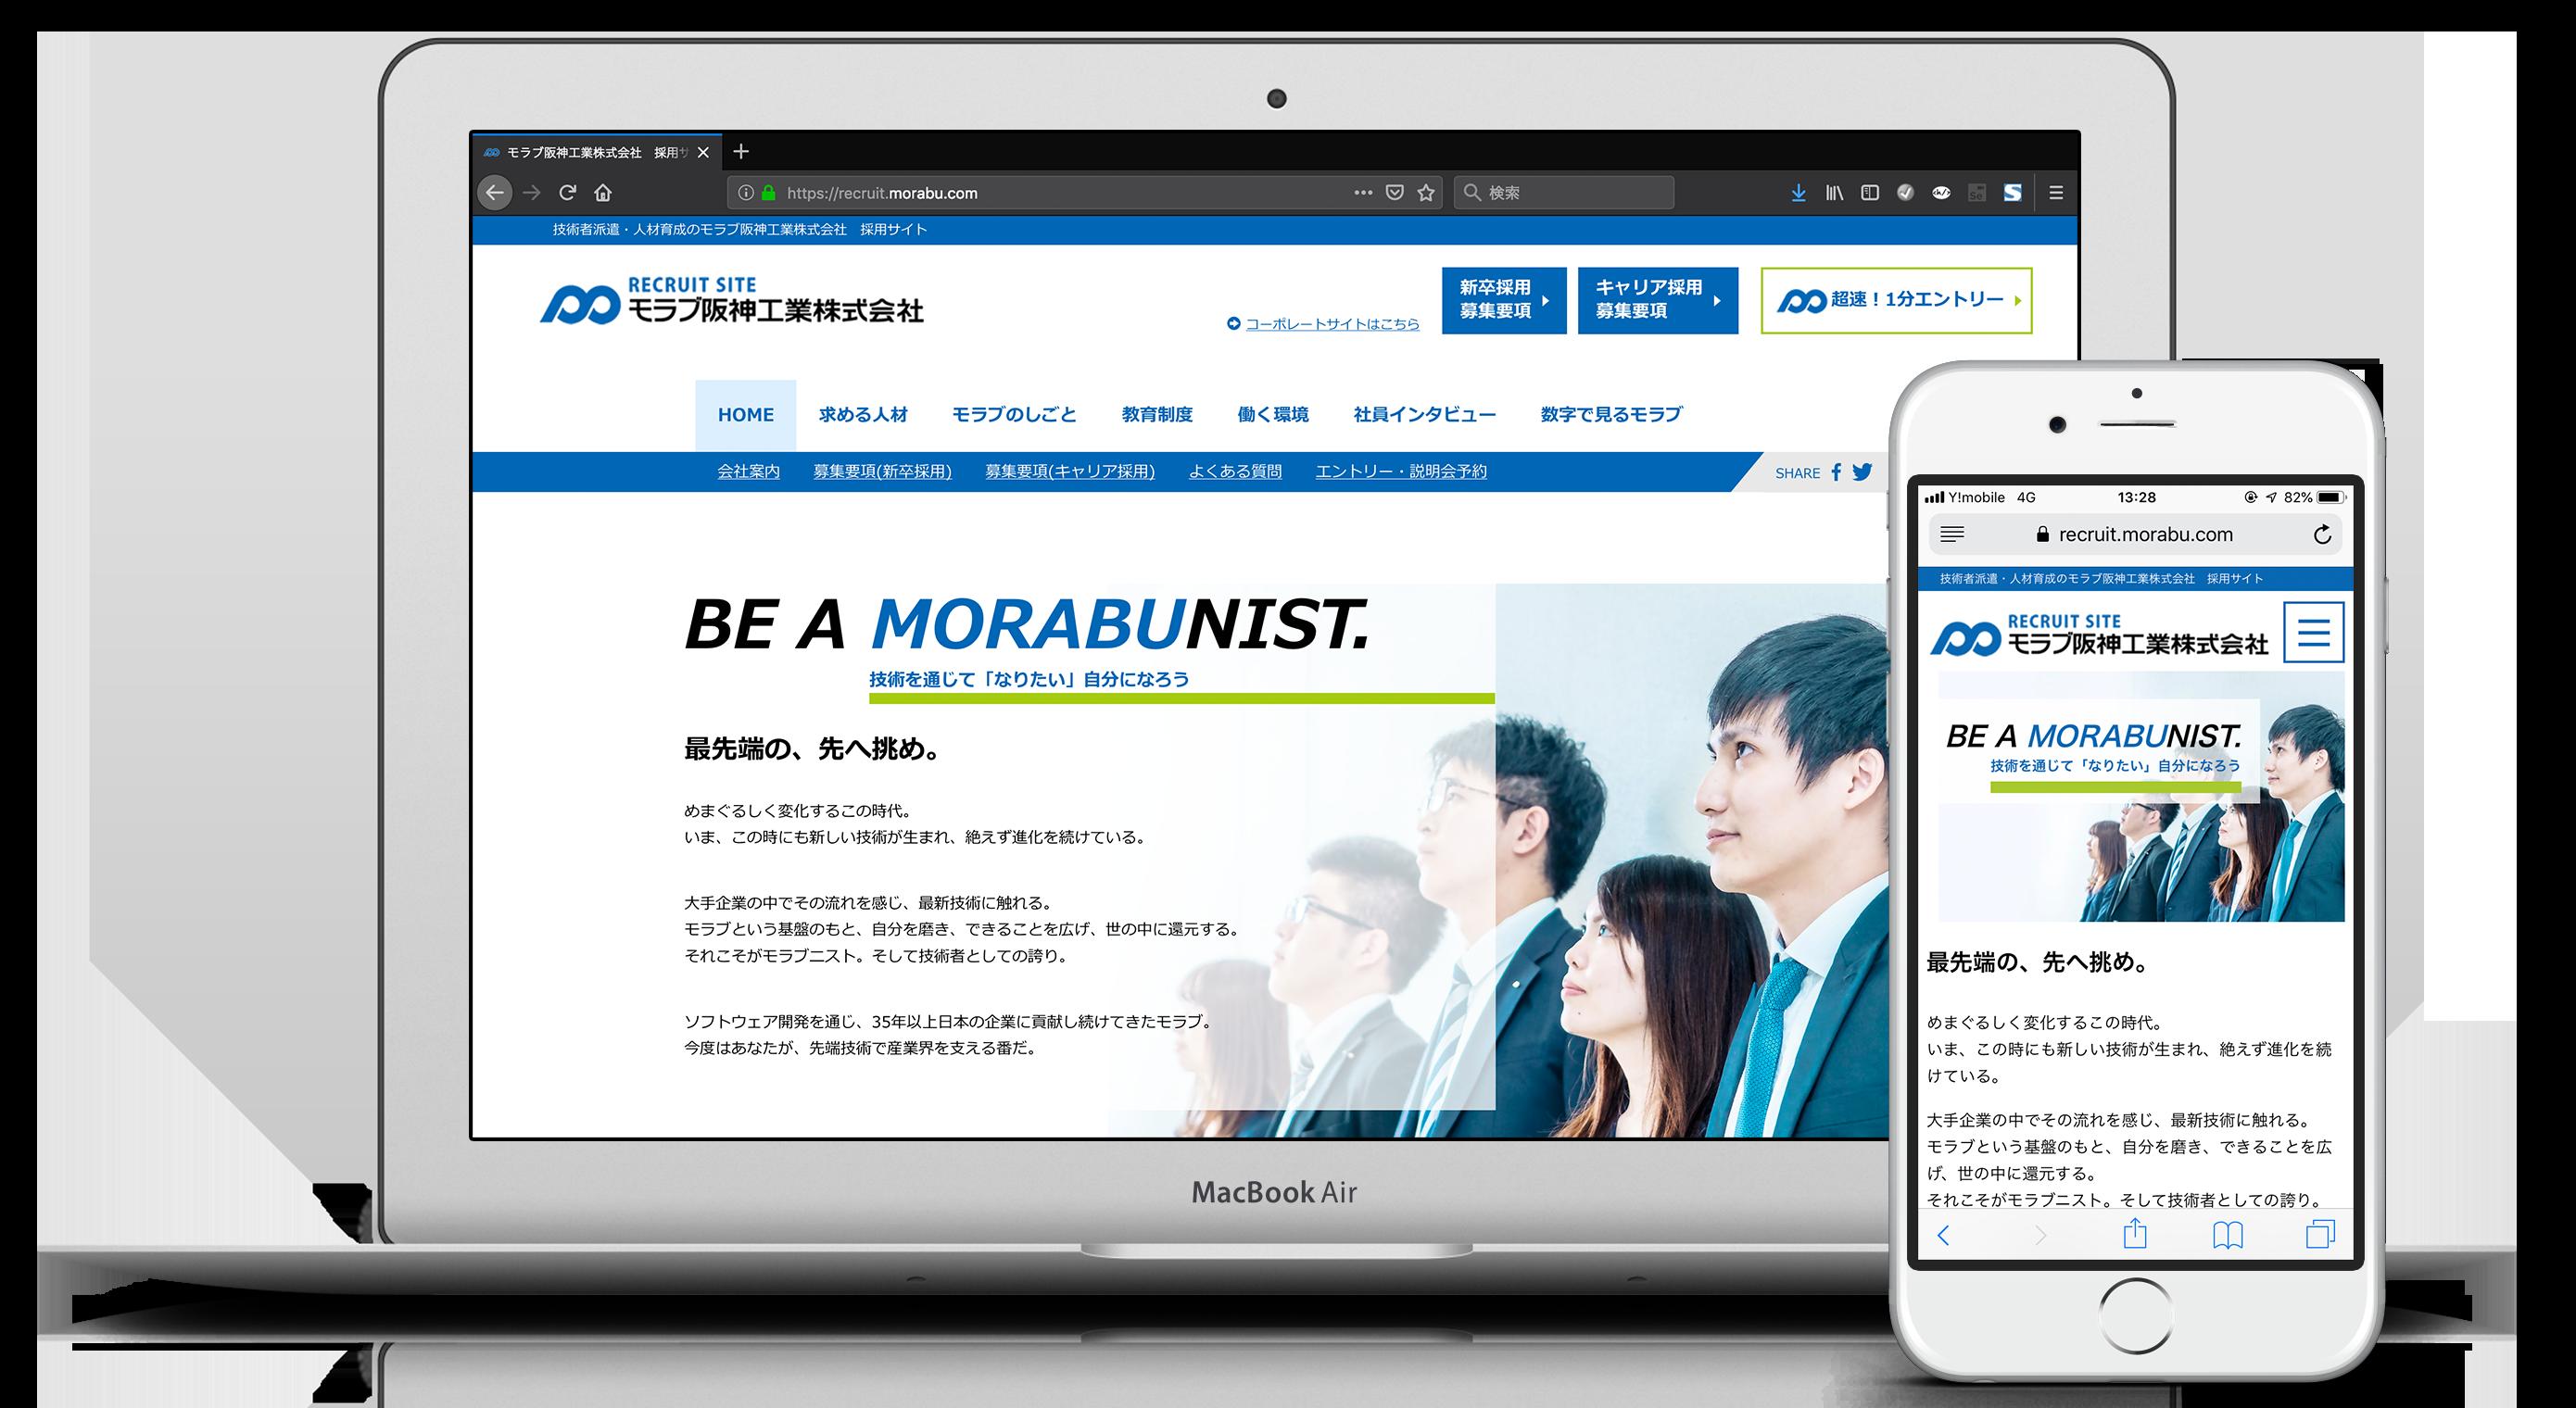 モラブ阪神工業株式会社 様